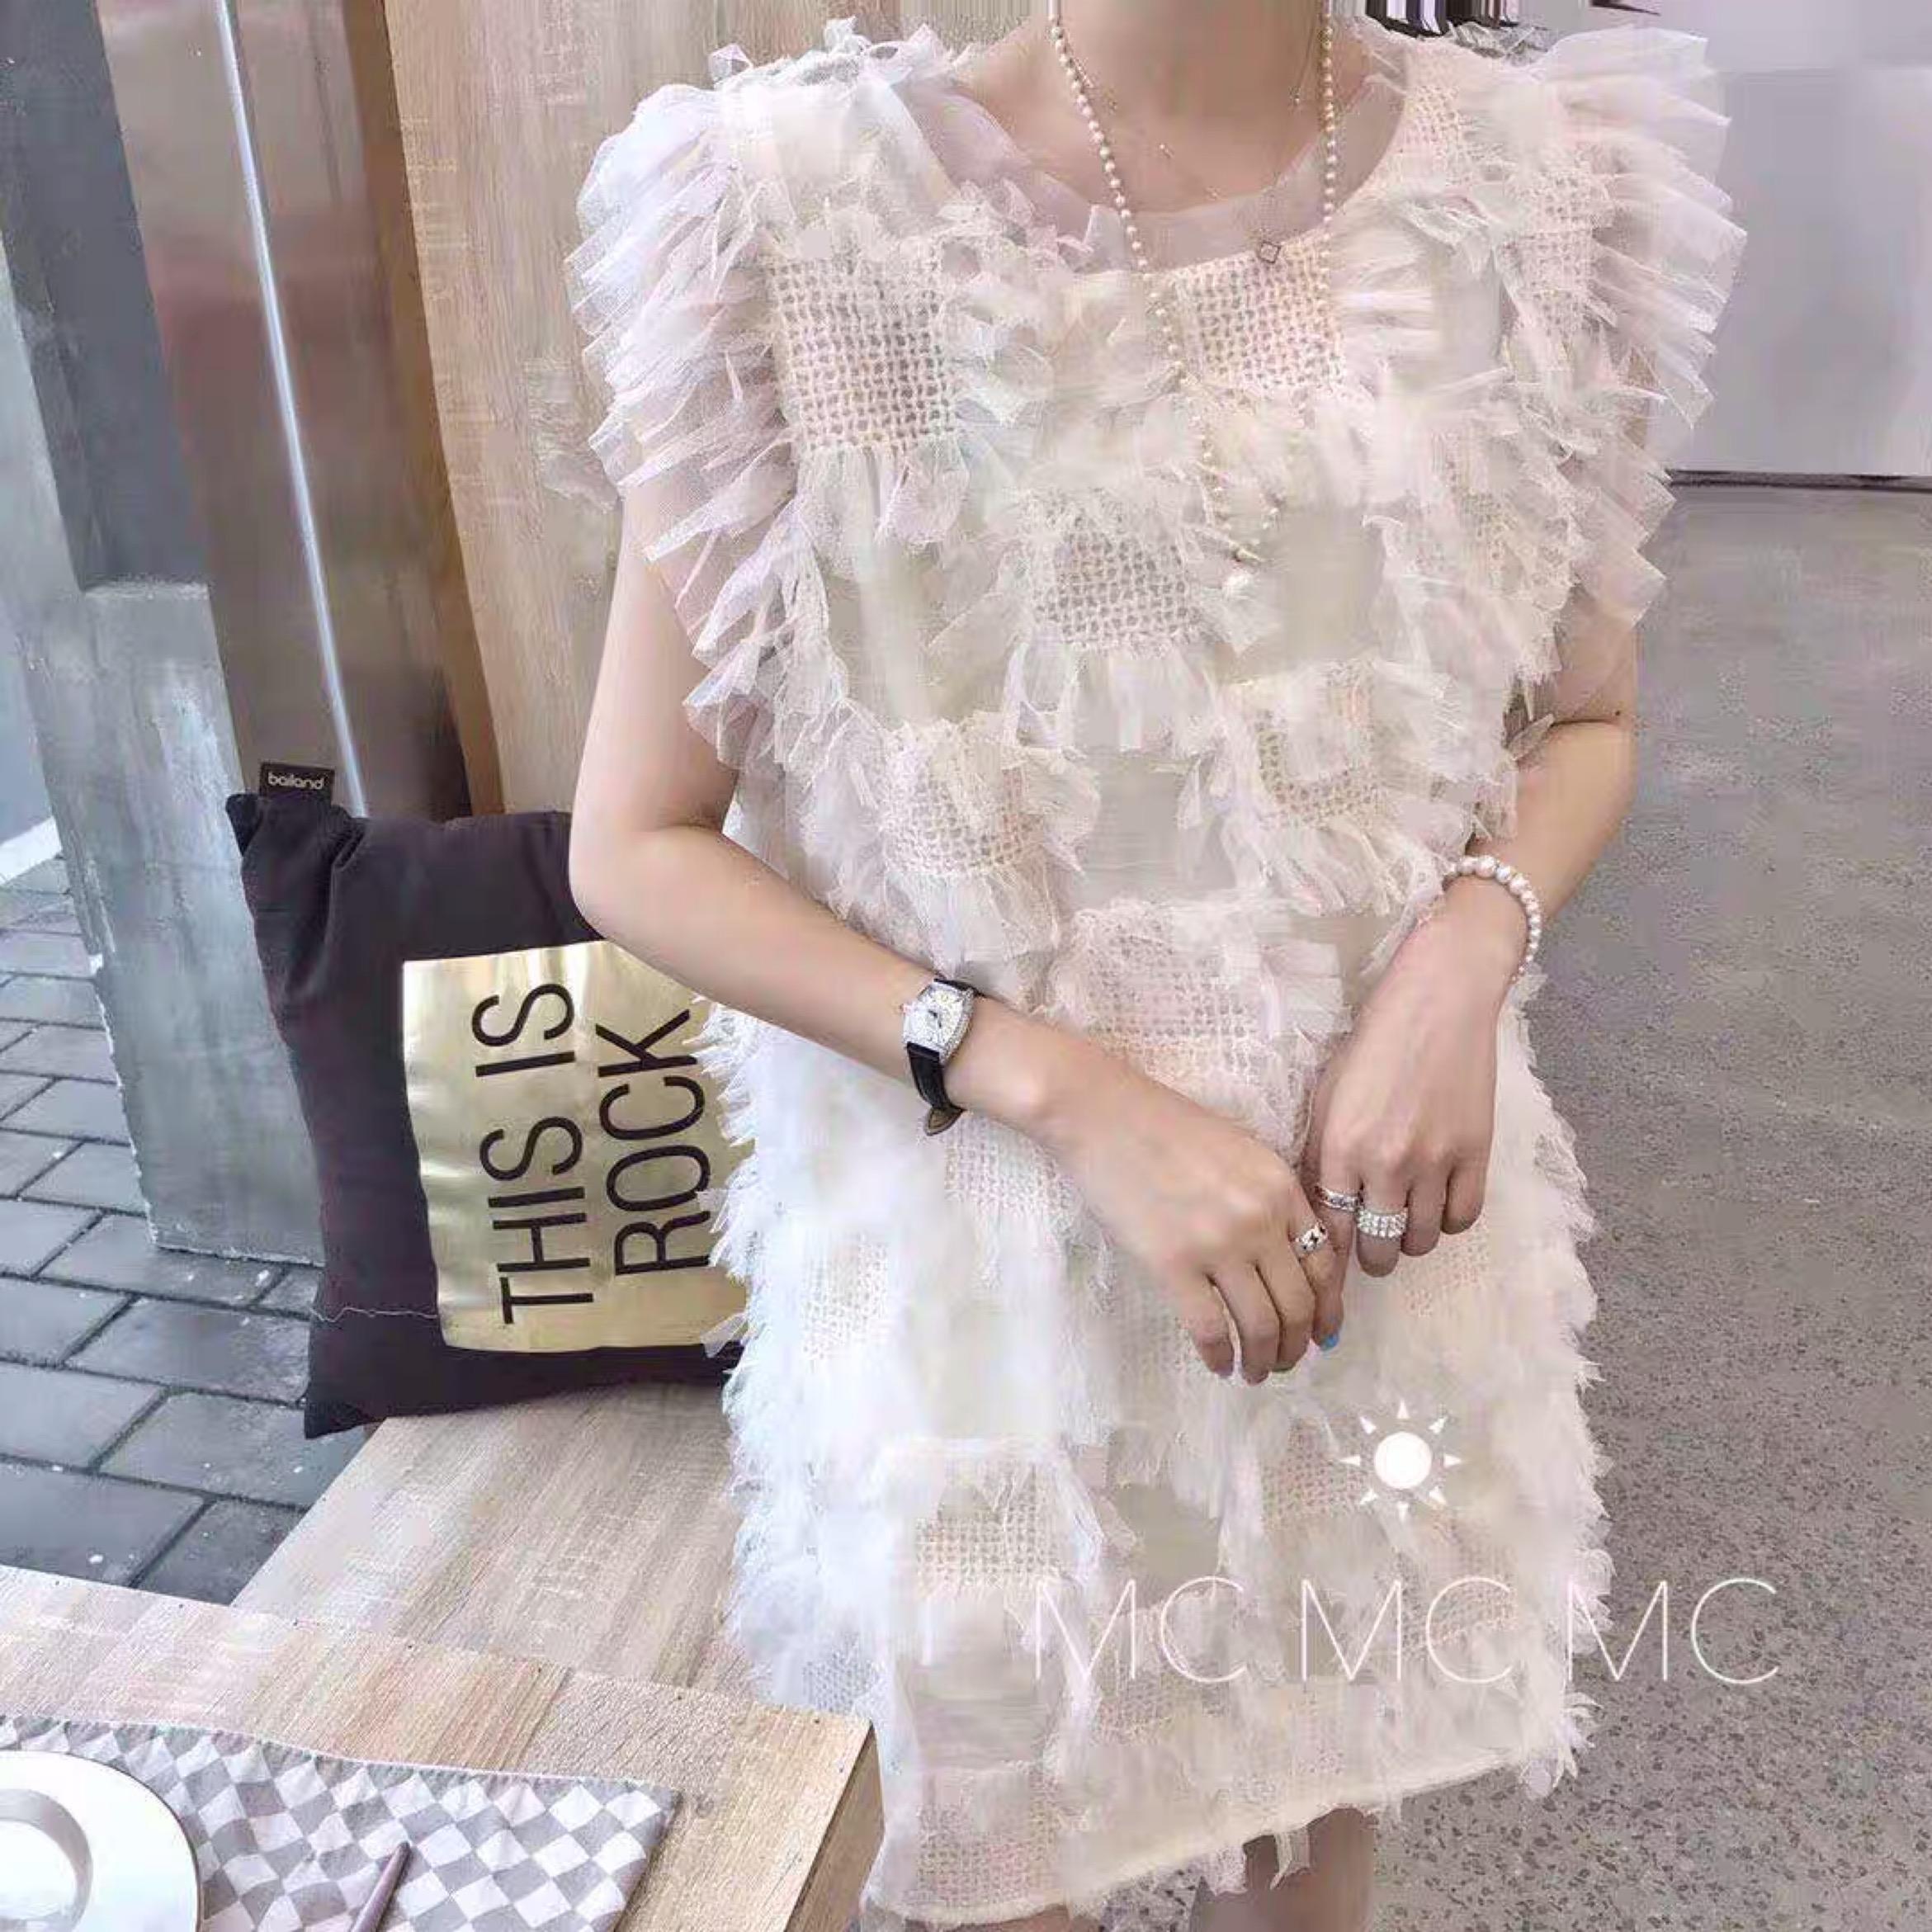 2019夏MC正品女韩版网纱背心连衣裙超仙时尚无袖网红蕾丝仙女裙潮11-30新券